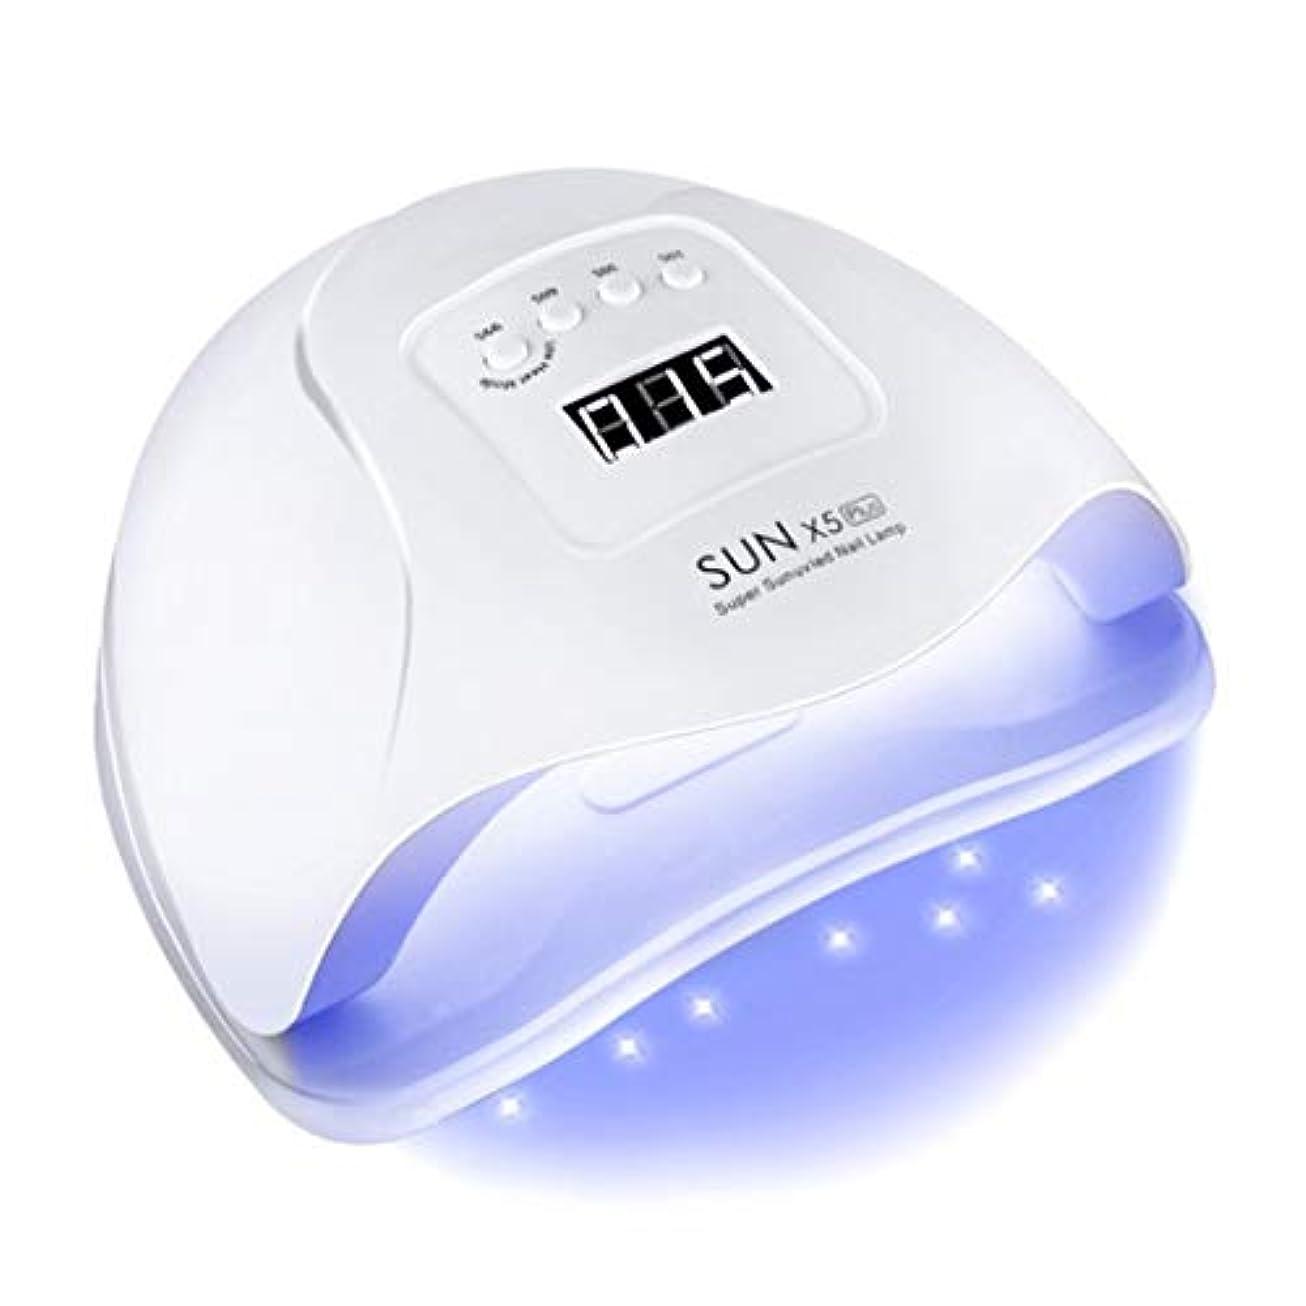 エッセイスワップもっとOurine 80Wネイルドライヤー ジェルネイル LEDダブルライト ハイパワー 硬化ゲルポリッシュネイルアートツール 自動感知センサー ローヒートモード搭載 タイマー UVライトネイルポリッシュ用 速乾 レジン ジェルネイル用